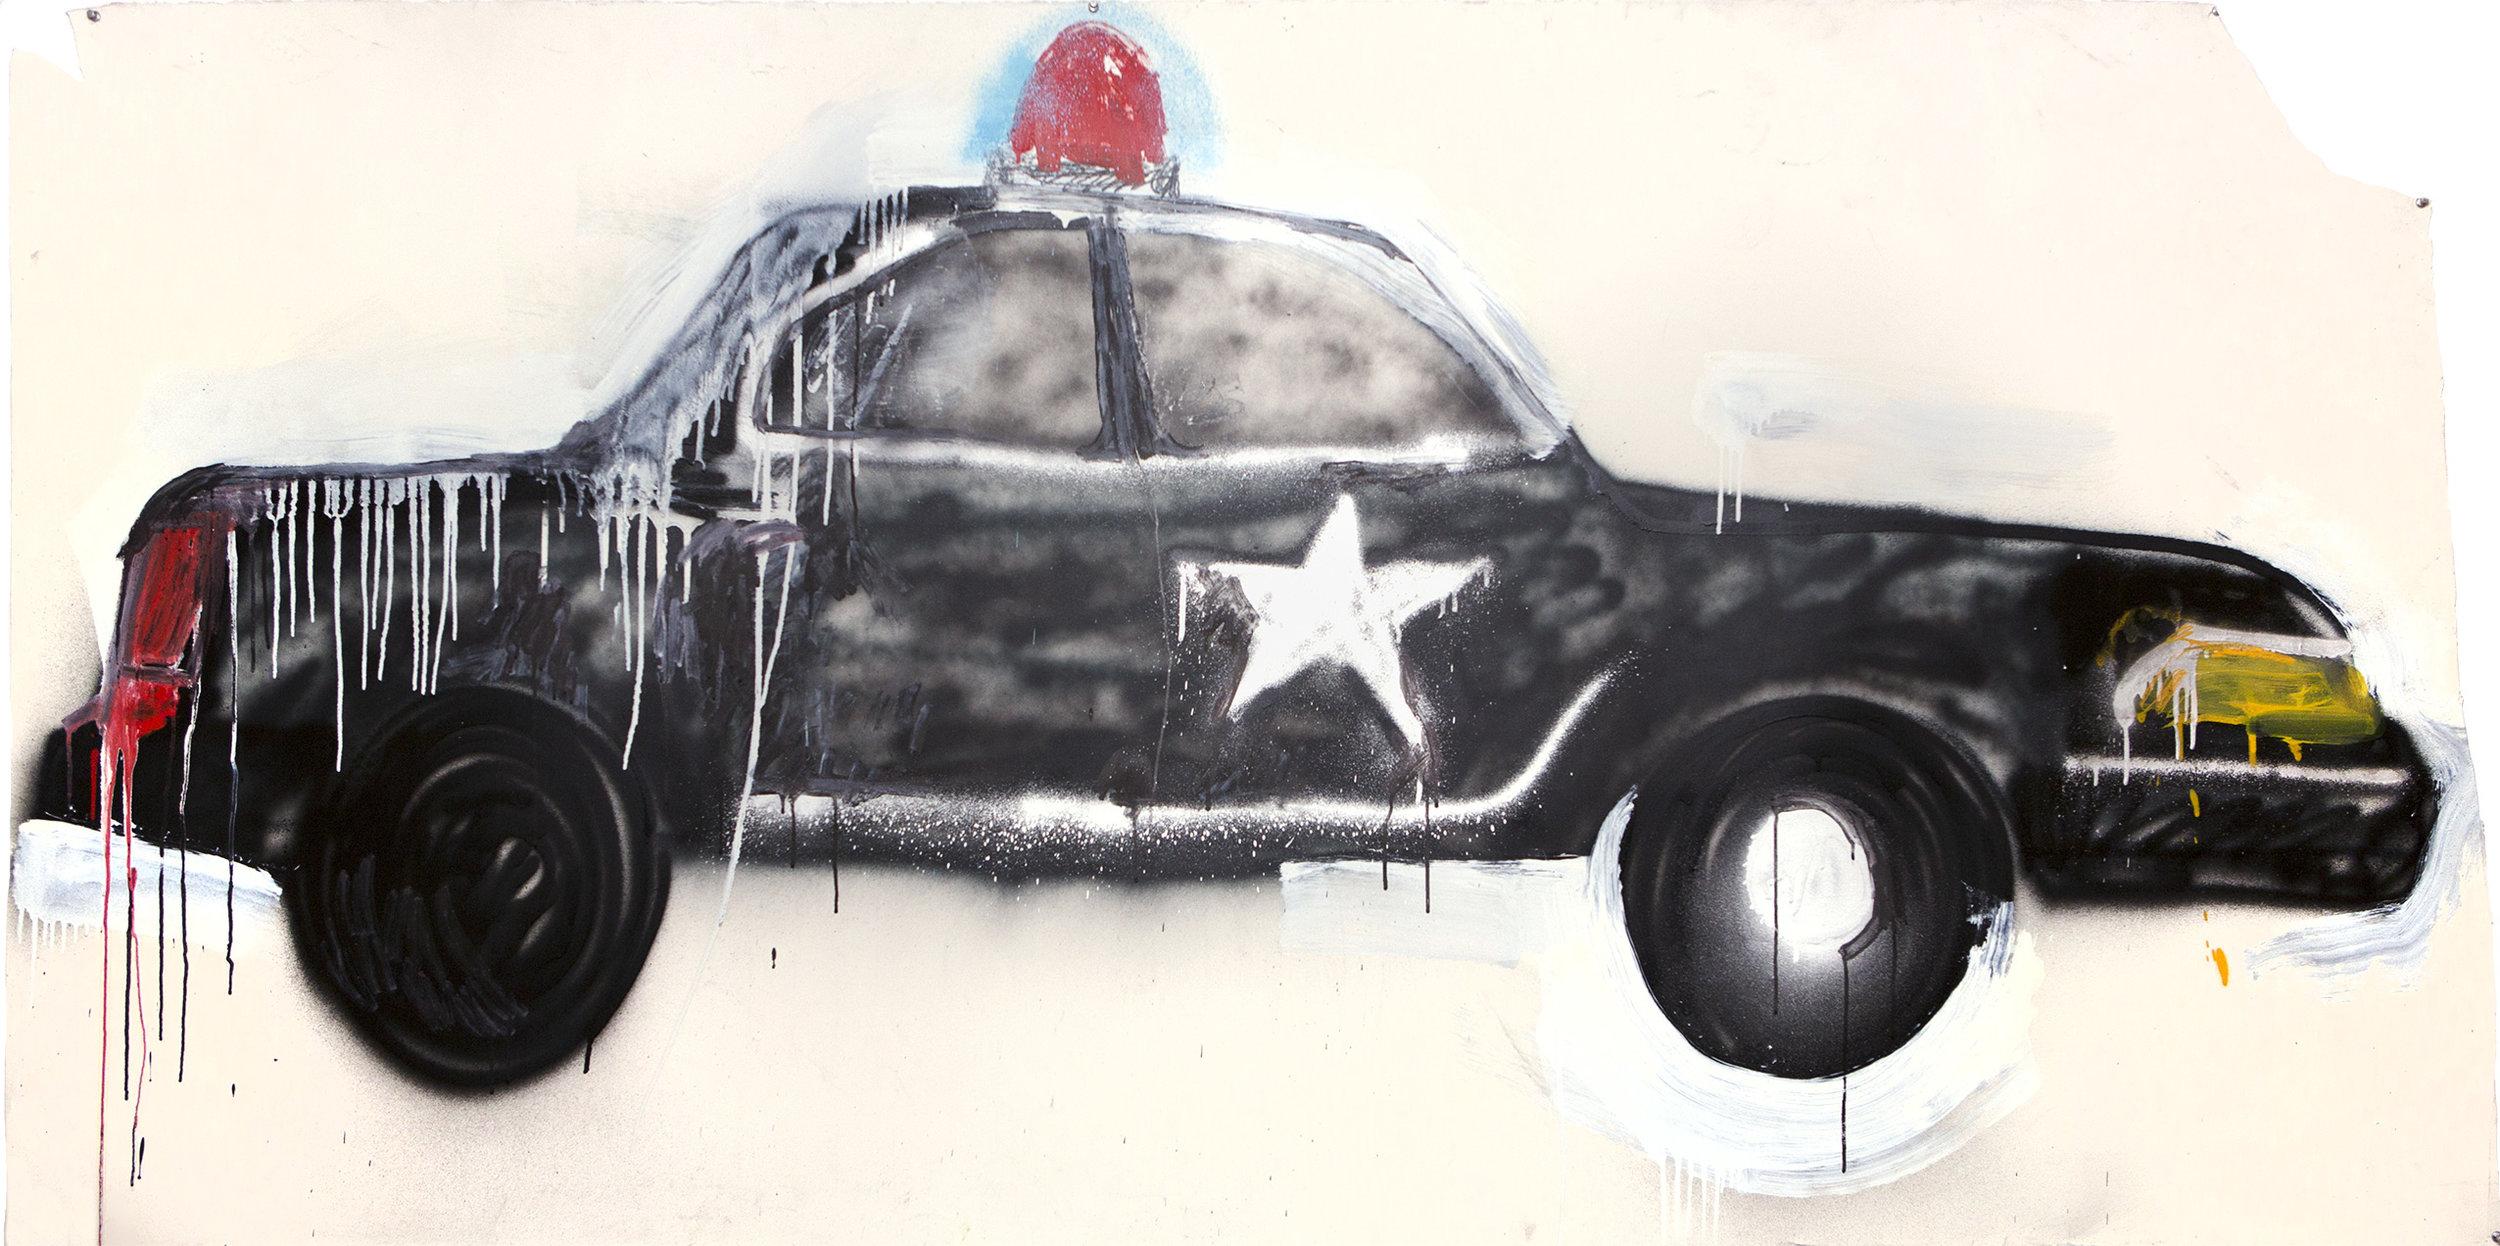 Fantastic Black Police Car, 2014